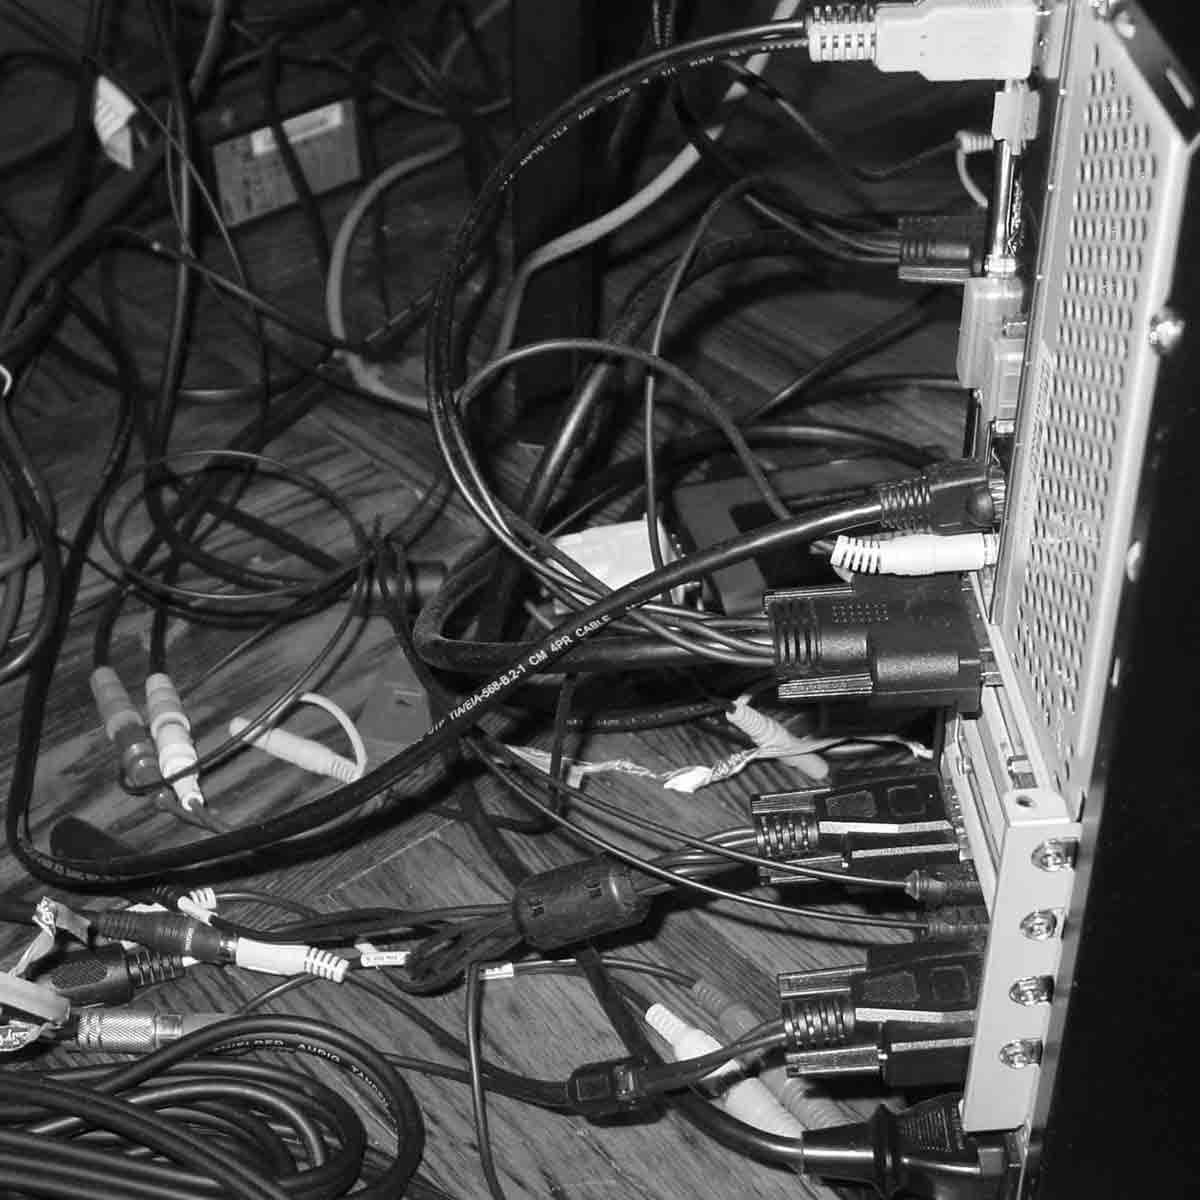 Fios, fios e mais fios por todos os lados. Já mencionei também os fios? E mais fios.